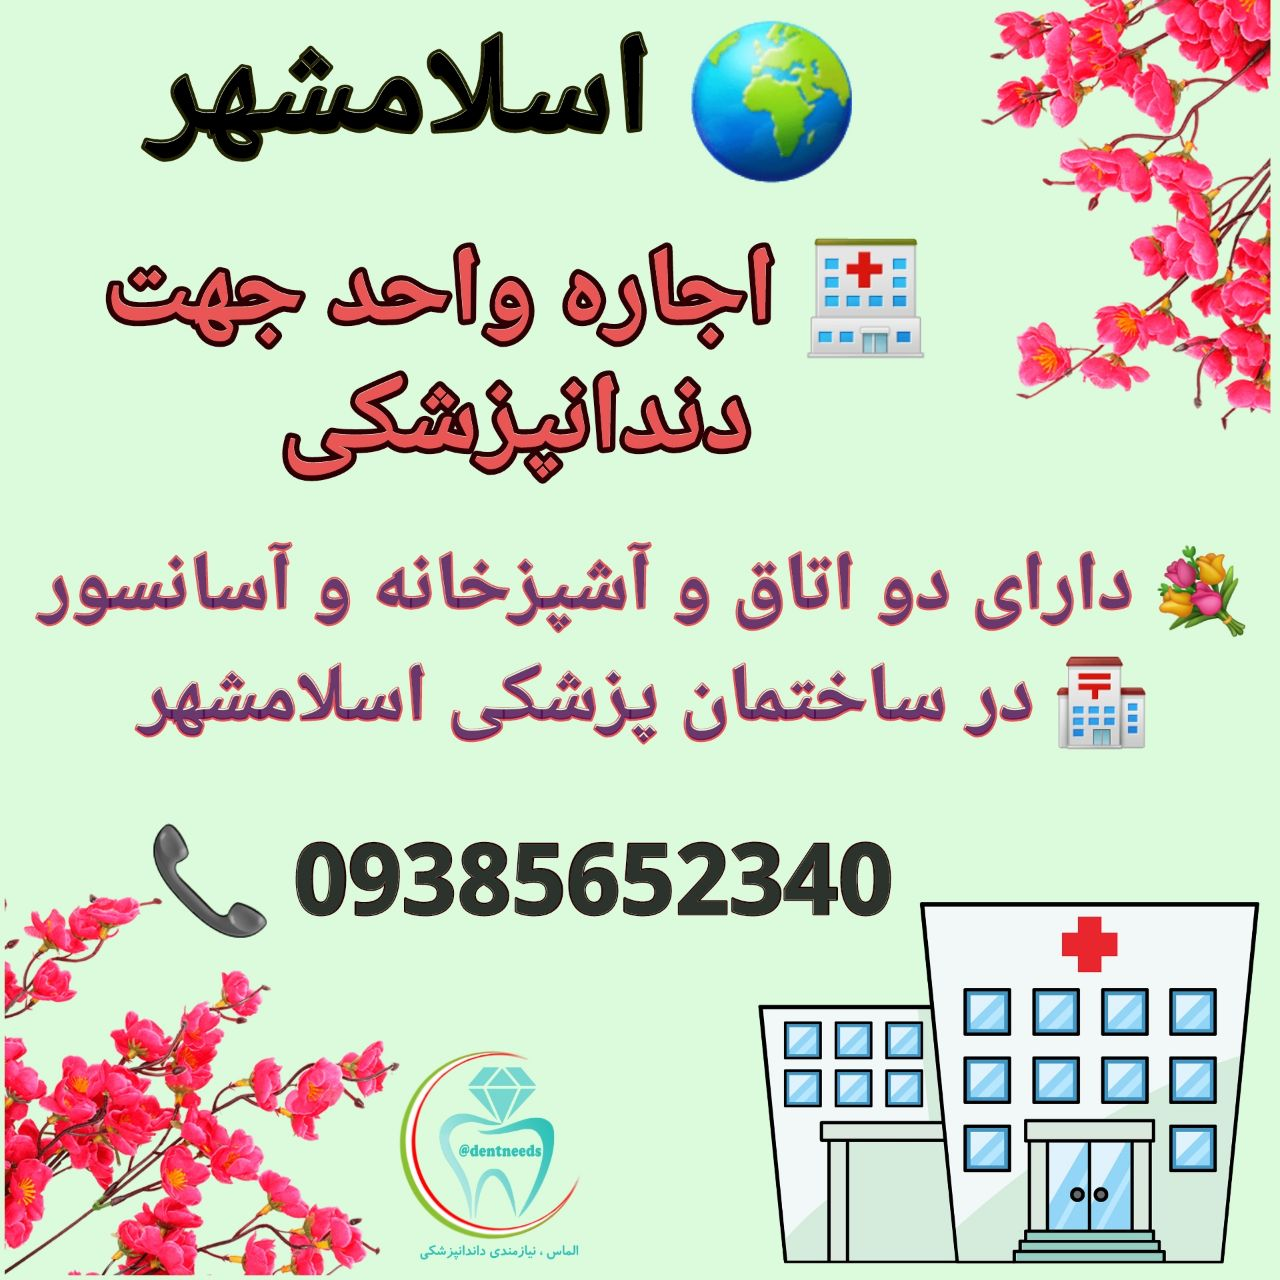 اسلامشهر، اجاره واحد جهت دندانپزشکی